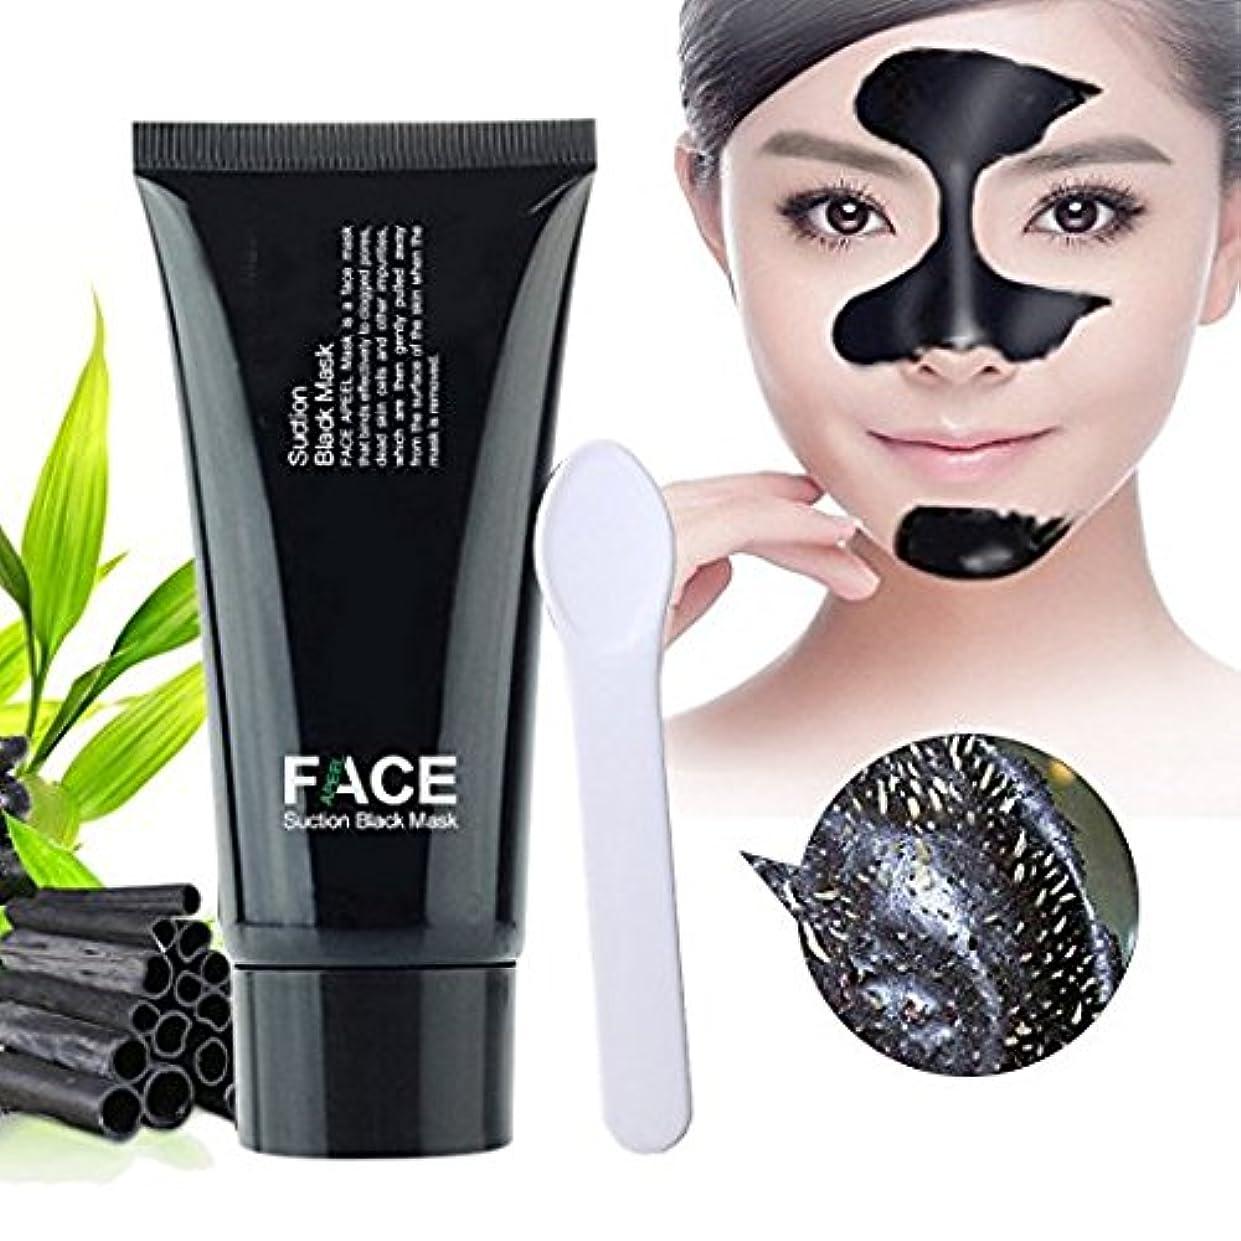 損なう軽く引退したBlackhead Remover Mask, FaceApeel-Peel Off Black Head Acne Treatments,Face Cleaning Mask+Spoon